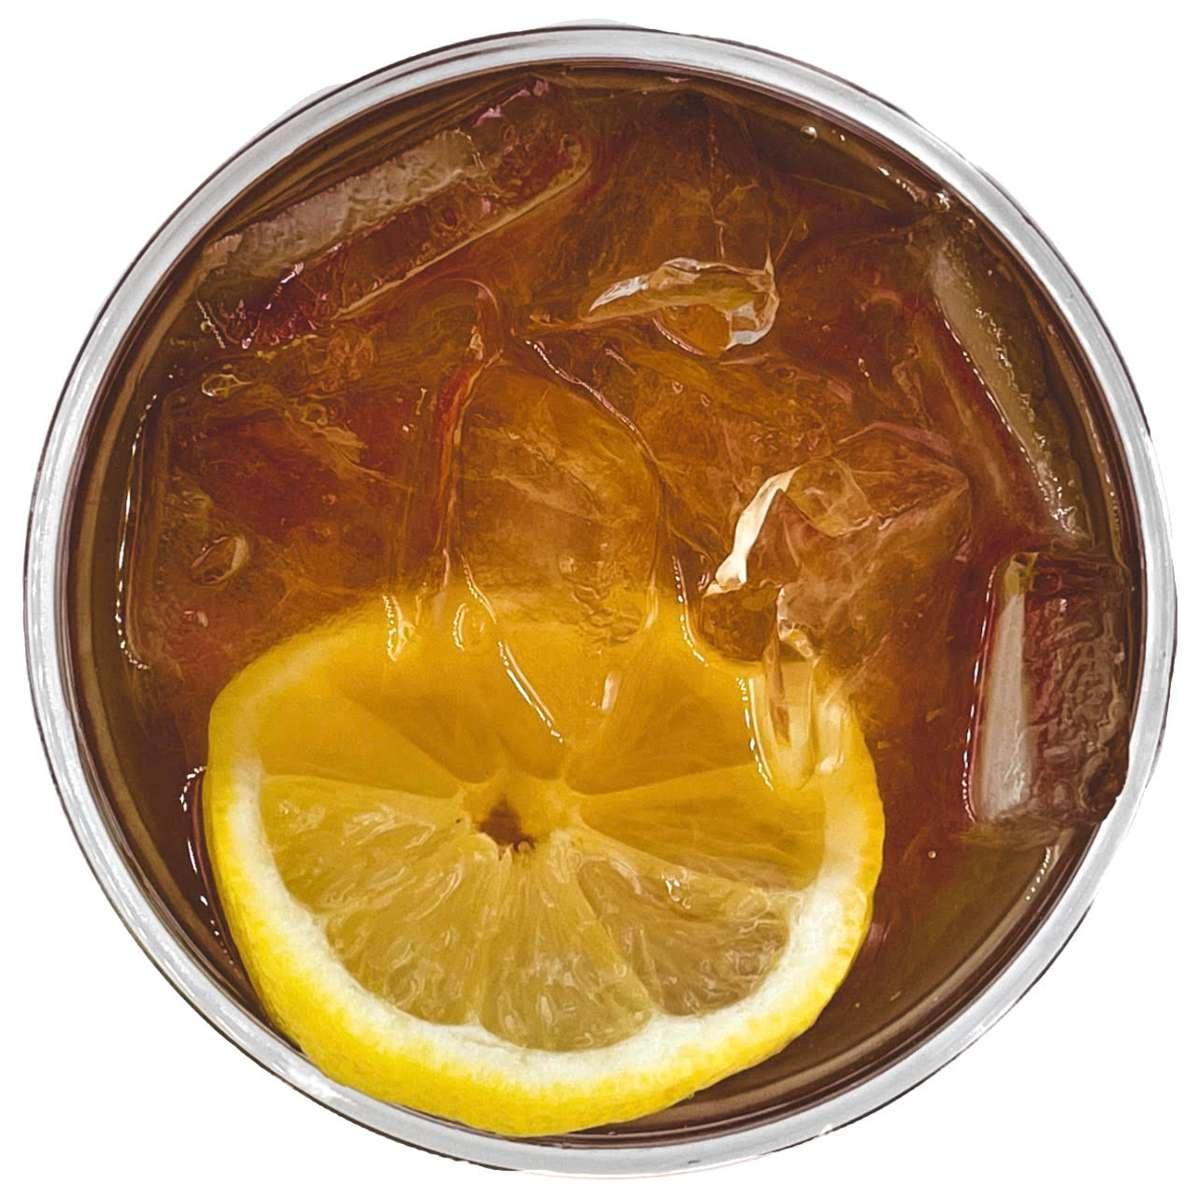 50/50 Iced Tea + Lemonade